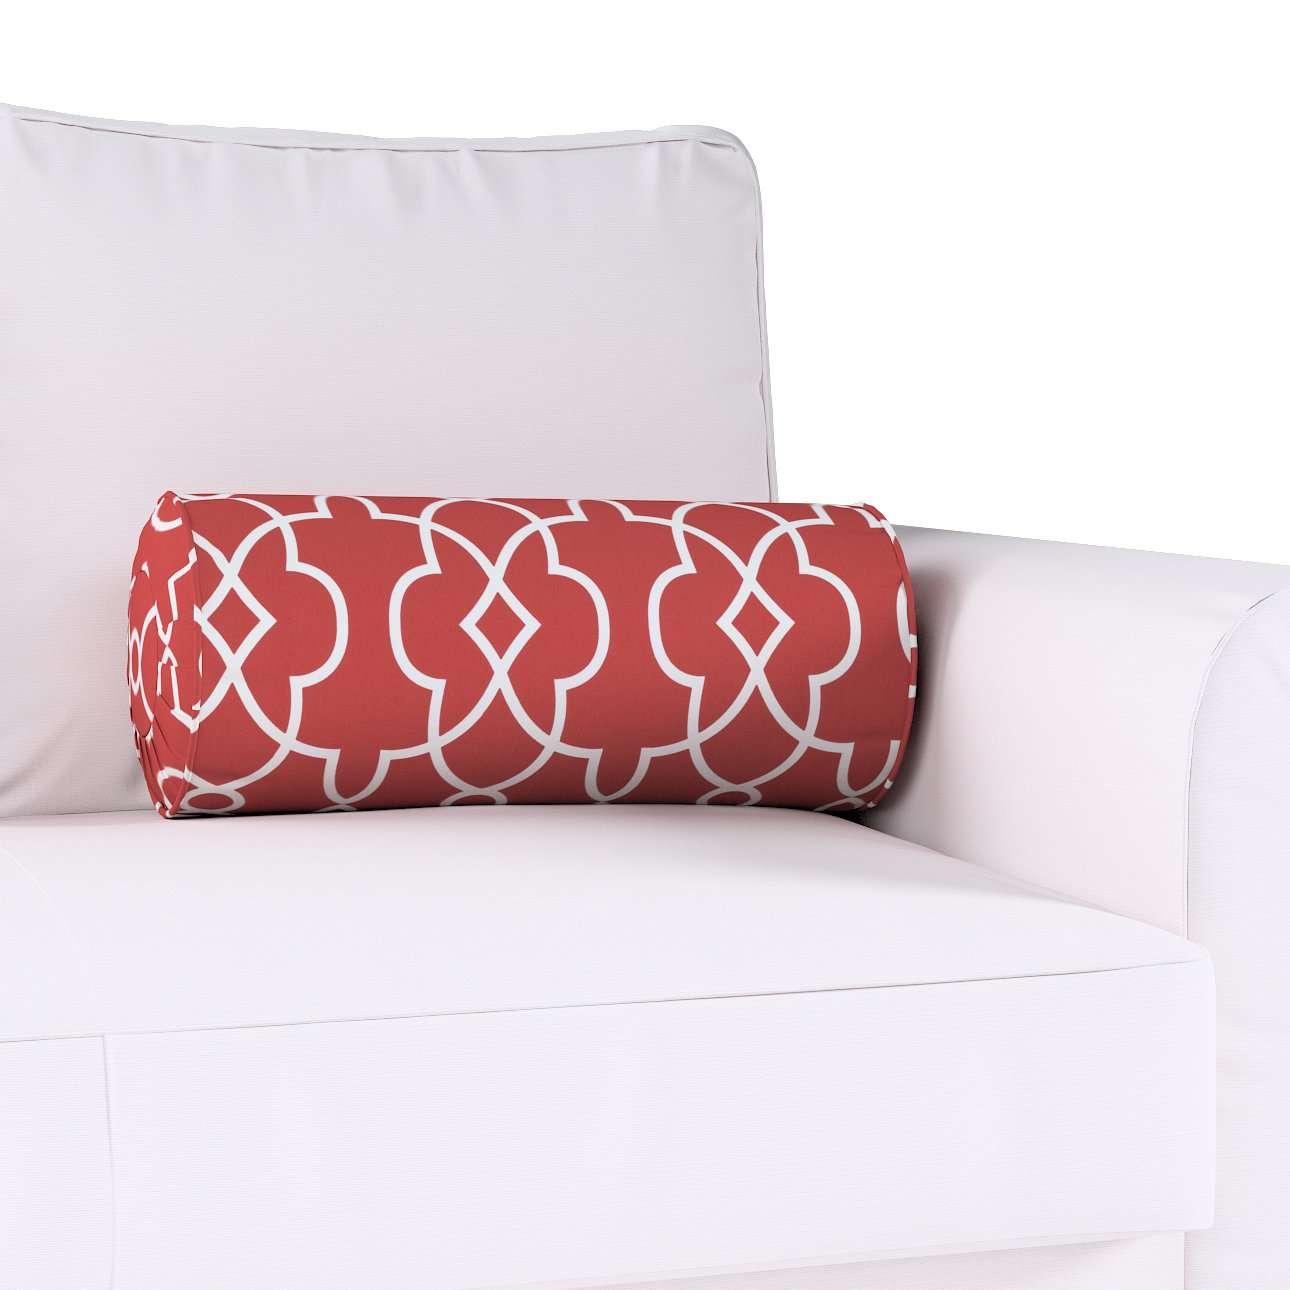 Poduszka wałek z zakładkami w kolekcji Gardenia, tkanina: 142-21